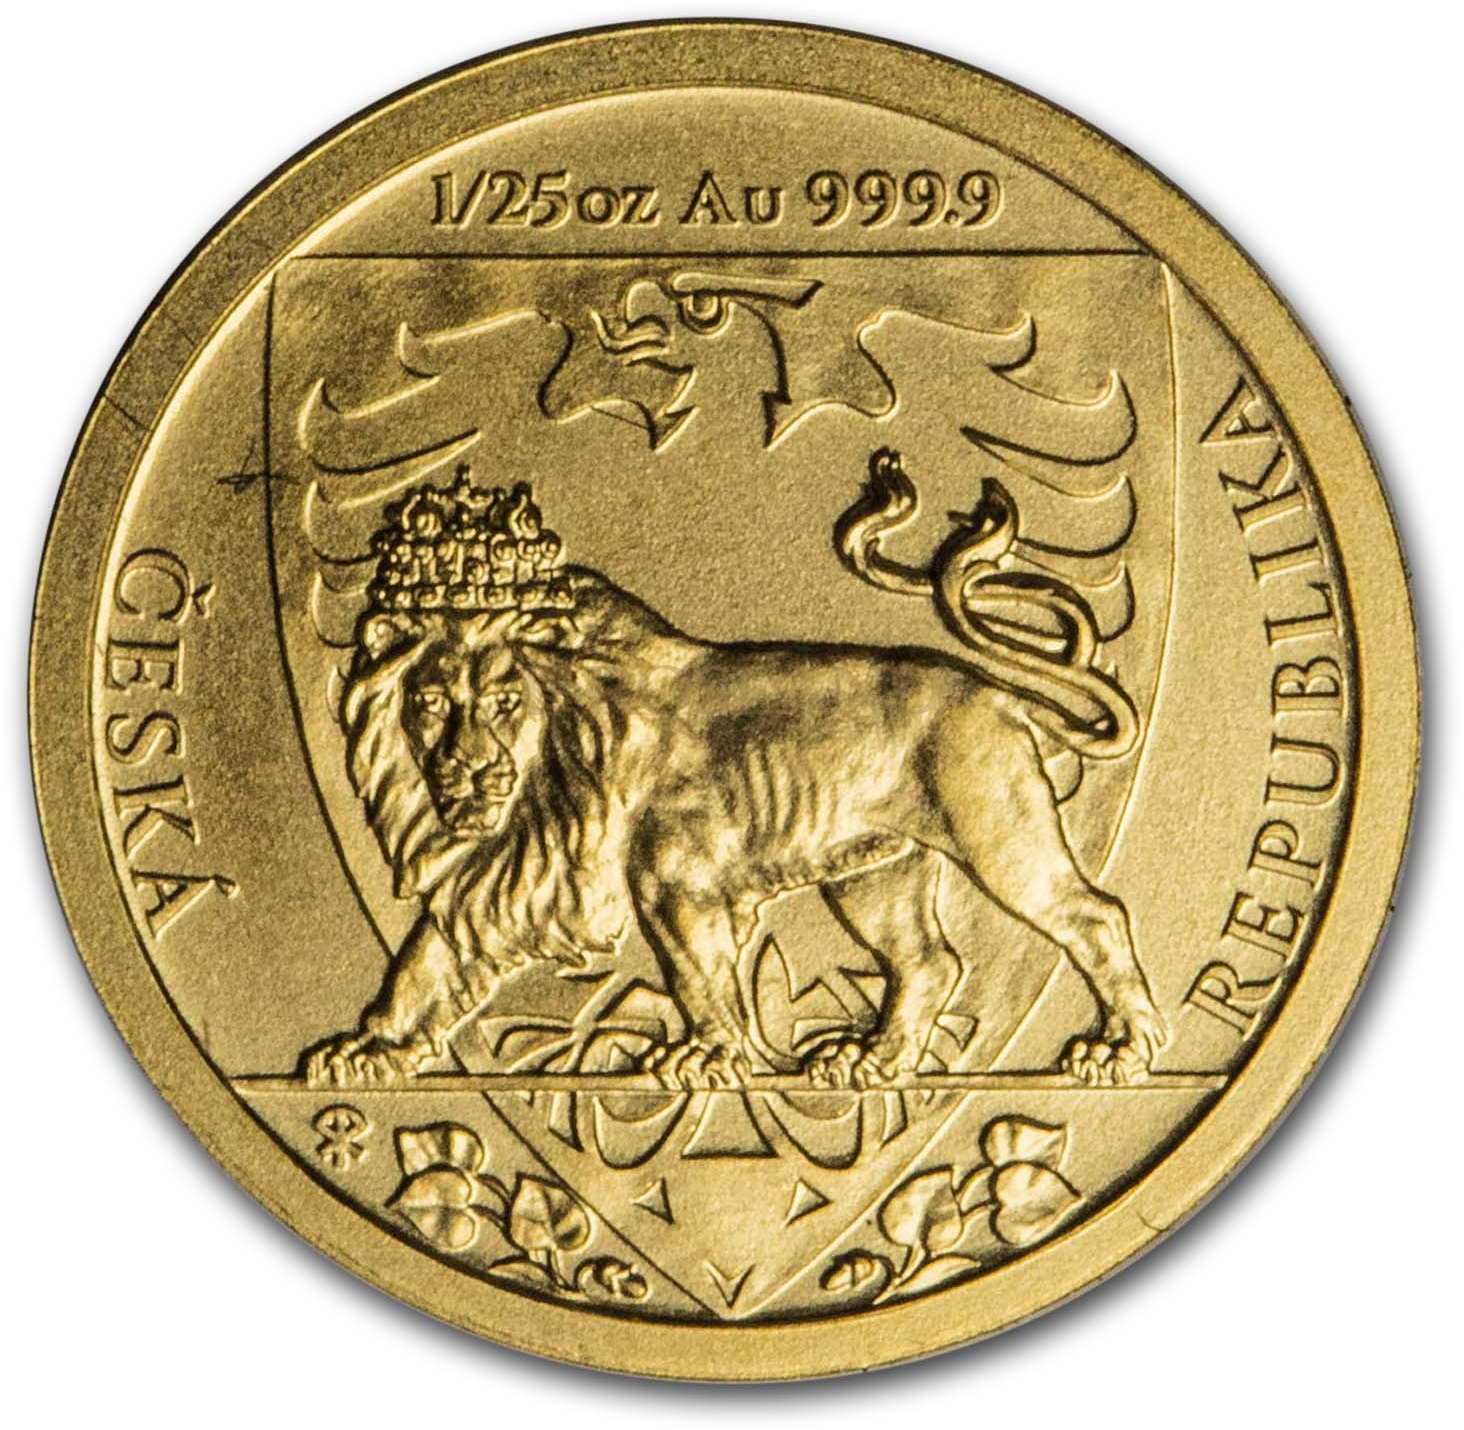 1/25 Unzen Goldmünze Tschechischer Löwe 2020